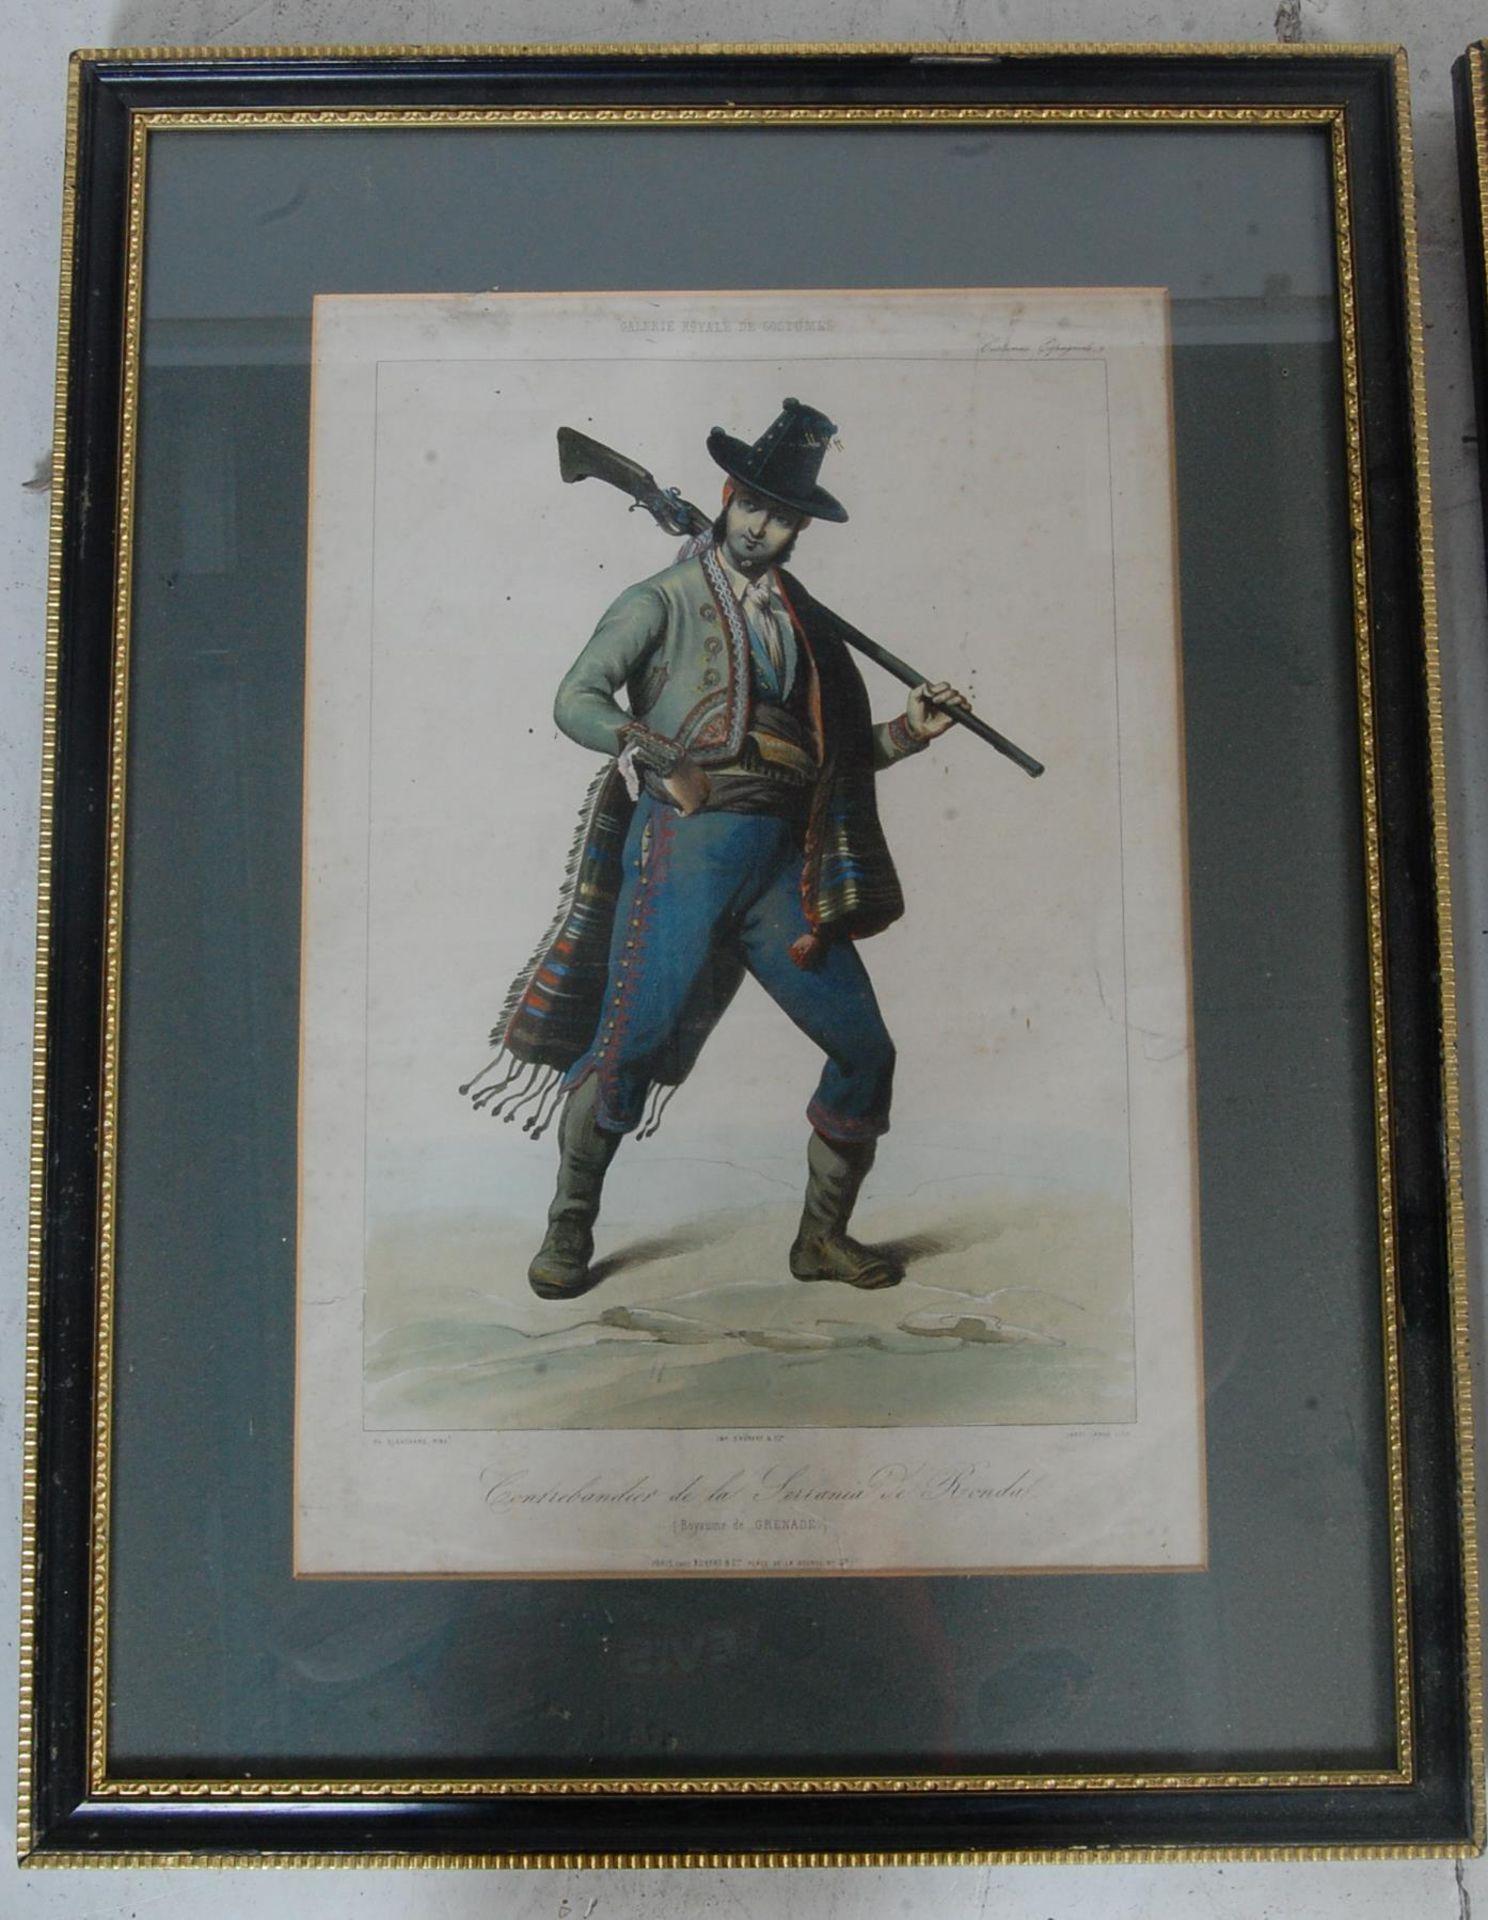 ANTIQUE 19TH CENTURY LITHOGRAPHS PEINTS / ETCHING PLATES - Bild 2 aus 16